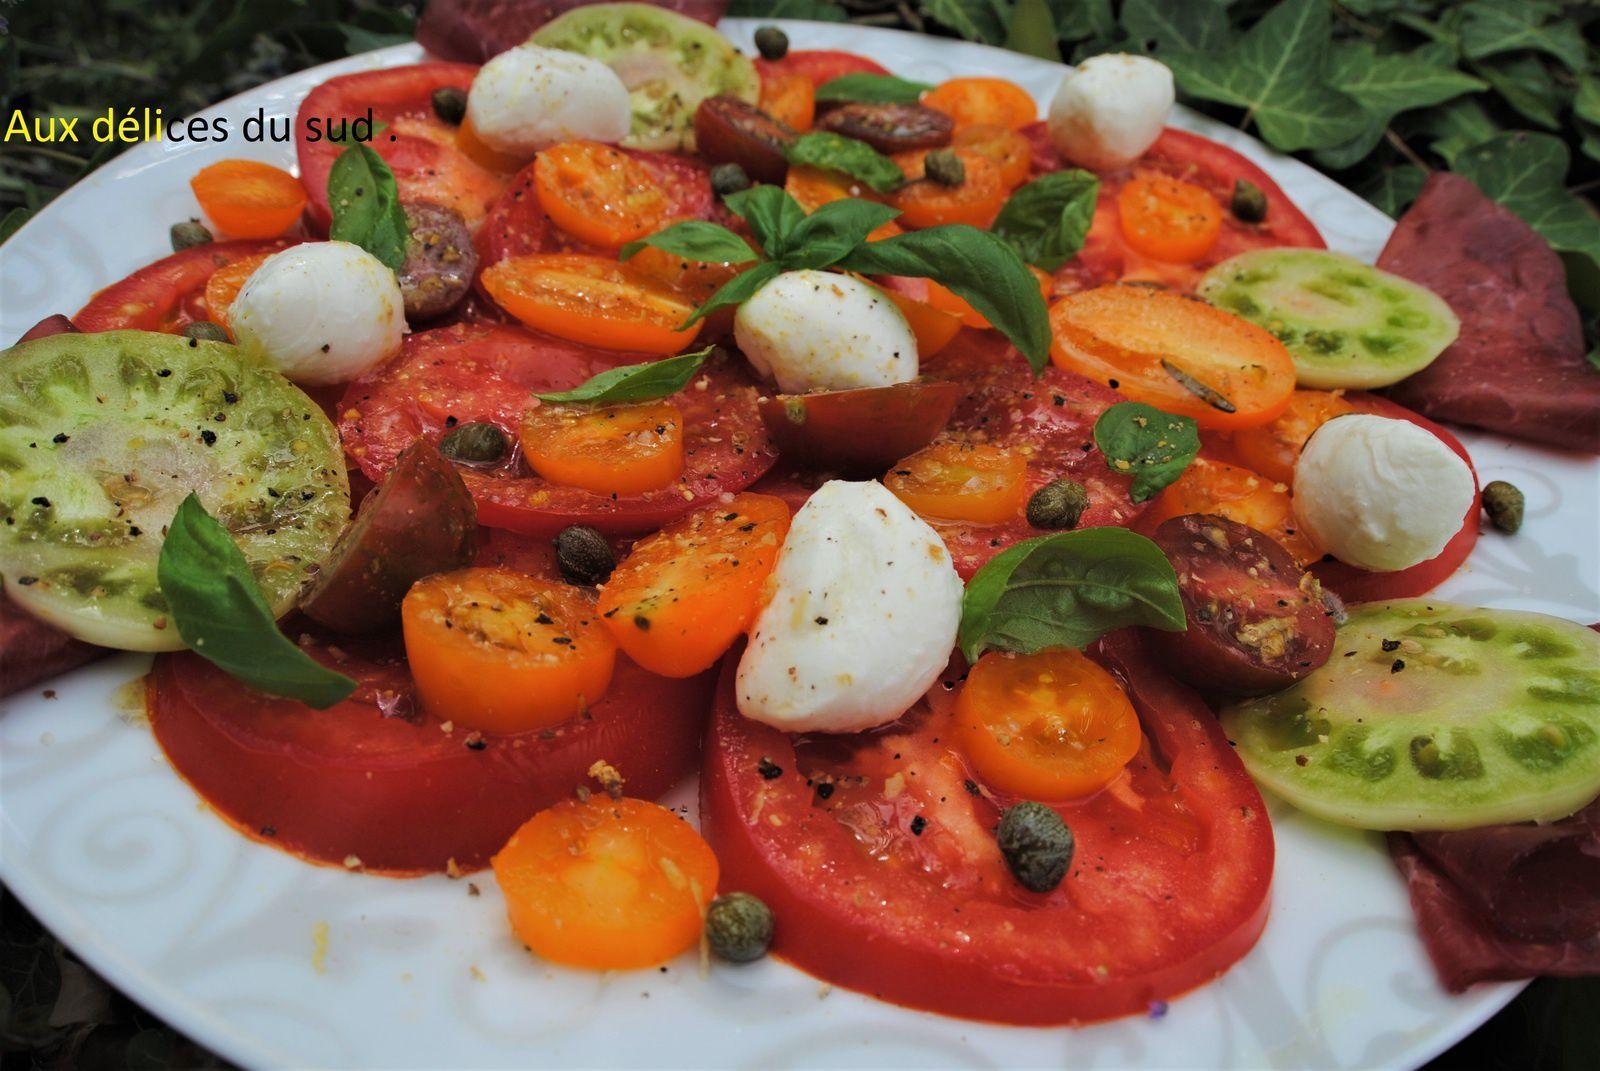 Salade de tomates ., mozzarella , bresaola .